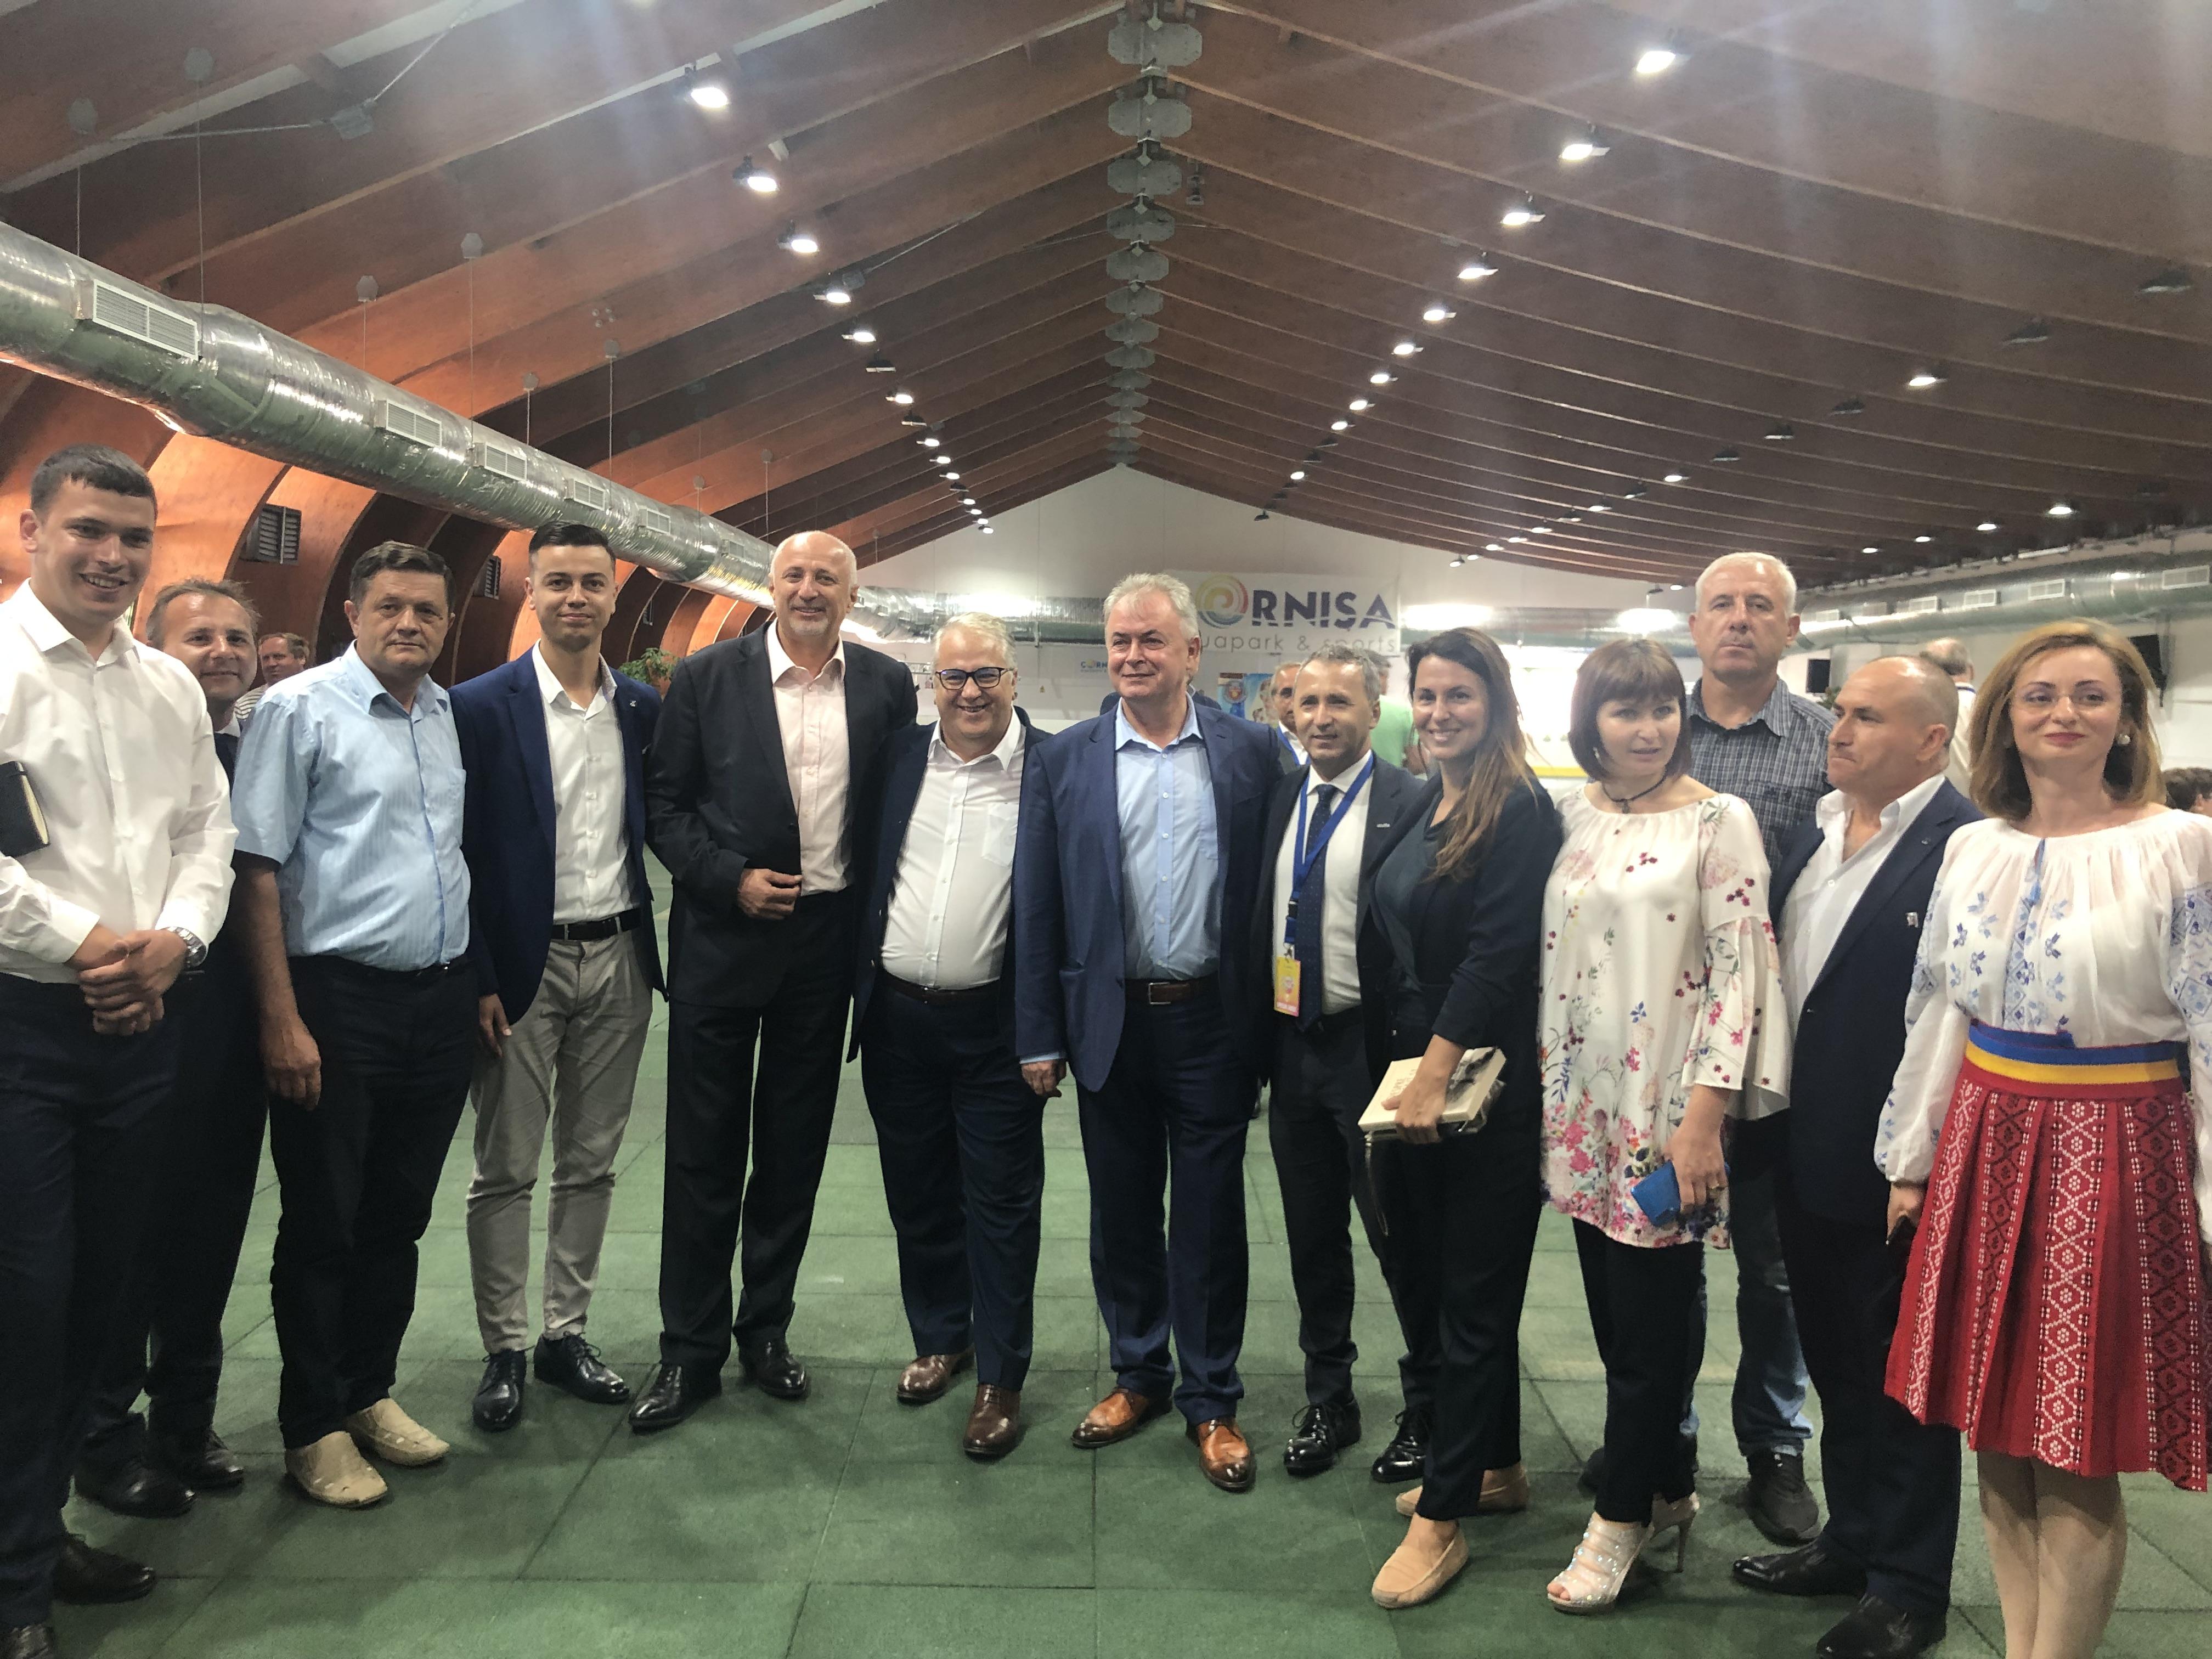 Delegație din Raionul Ialoveni – Republica Moldova, prezentă la Botoșani, la invitația senatorului PNL, Costel Șoptică